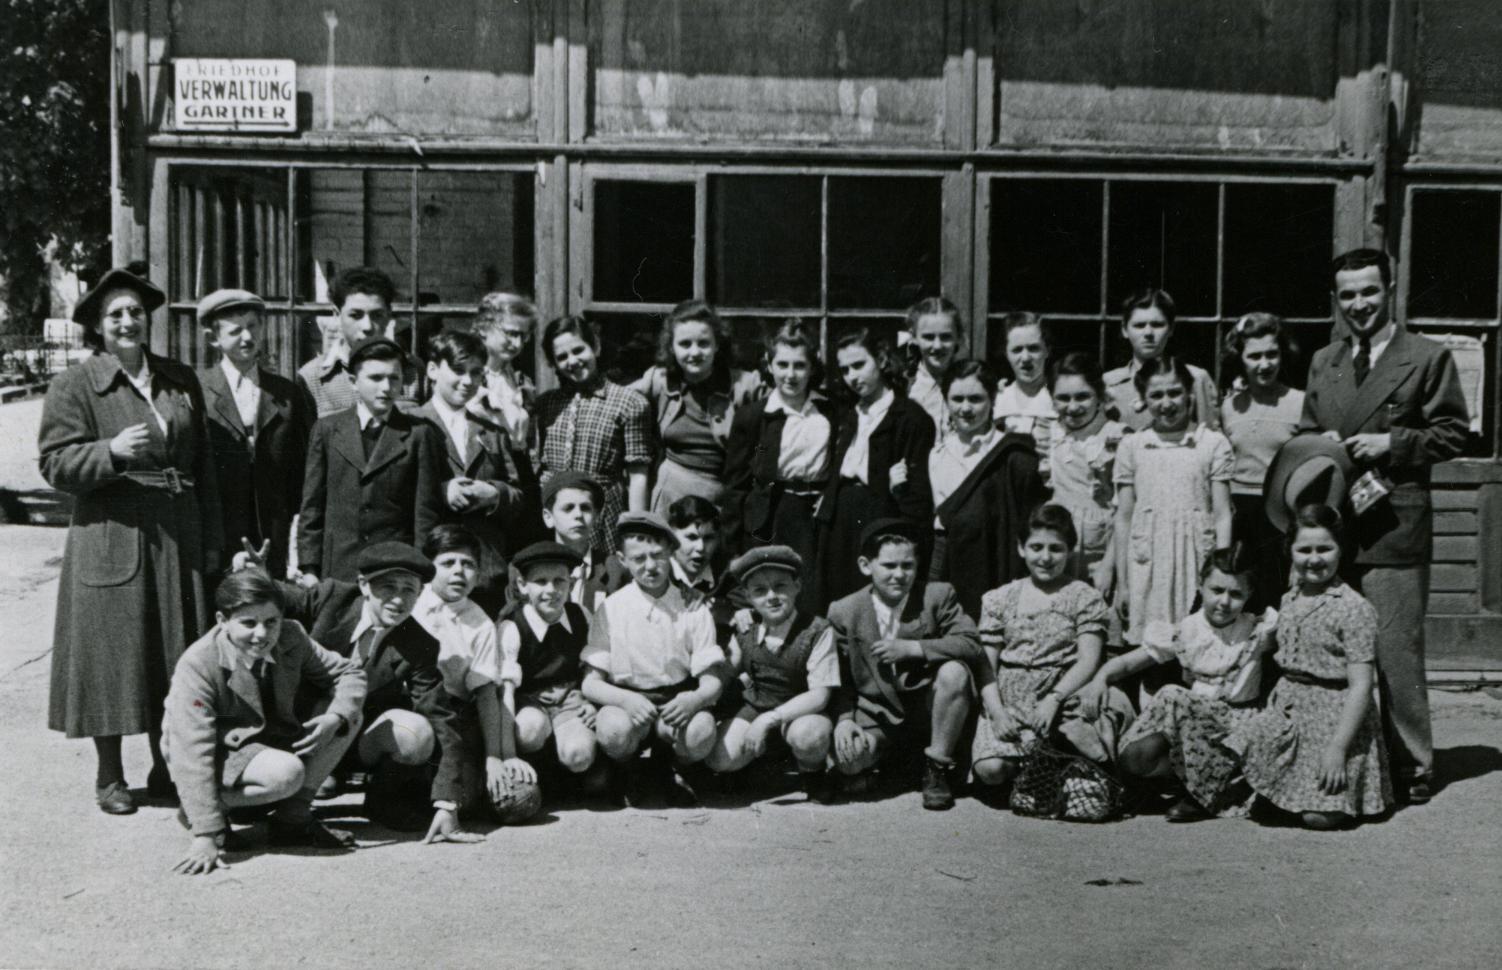 1937 image